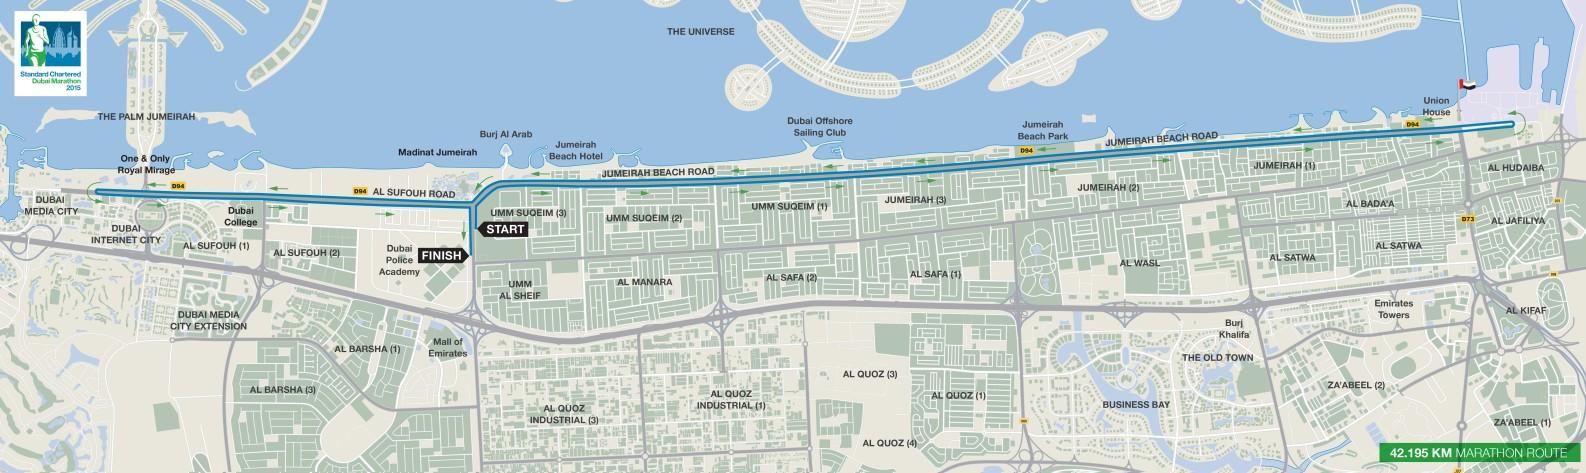 迪拜世界地图岛卫星图